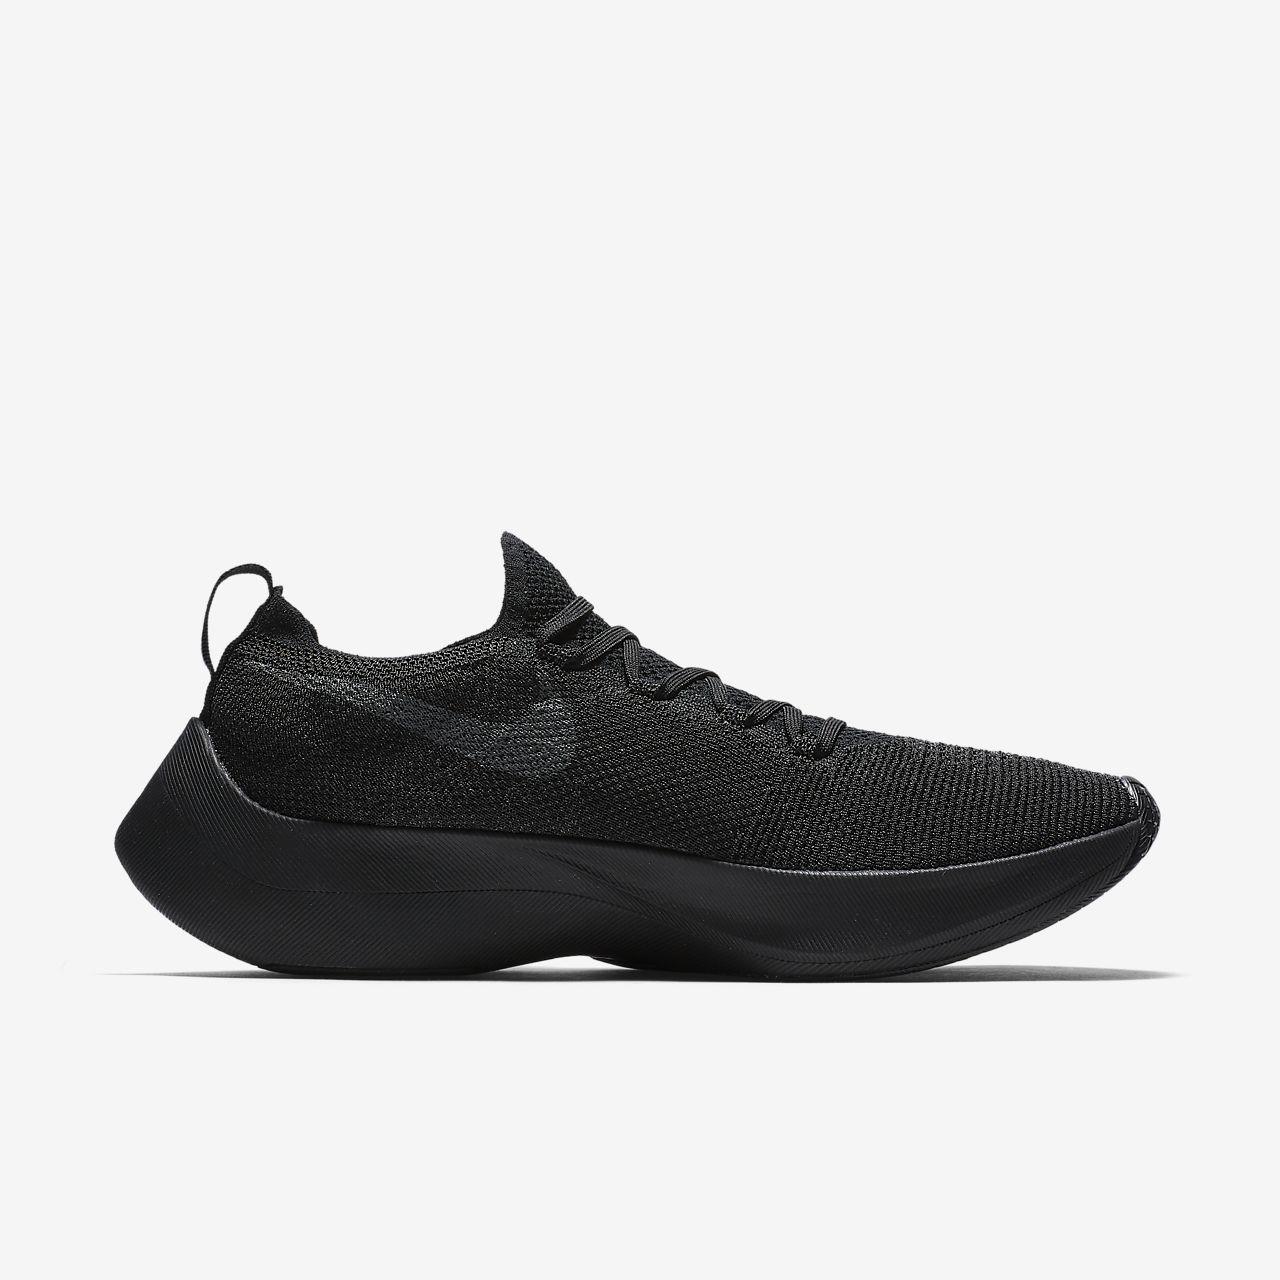 Low Resolution Nike React Vapor Street Flyknit Men's Shoe Nike React Vapor  Street Flyknit Men's Shoe